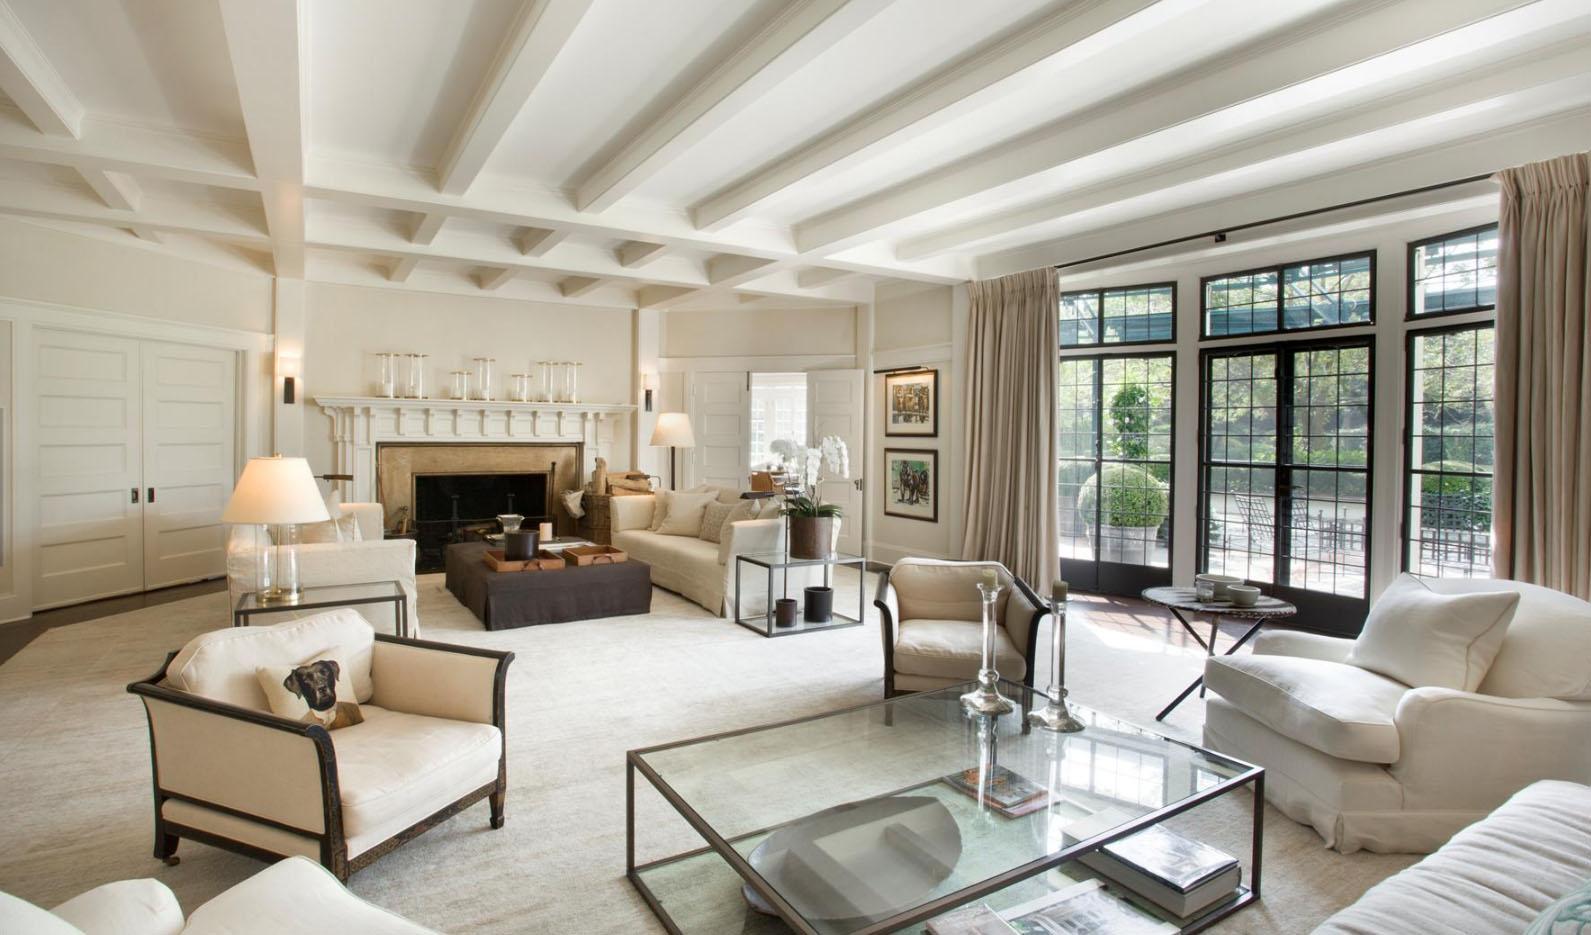 Дизайн гостиной с большими окнами и камином 59